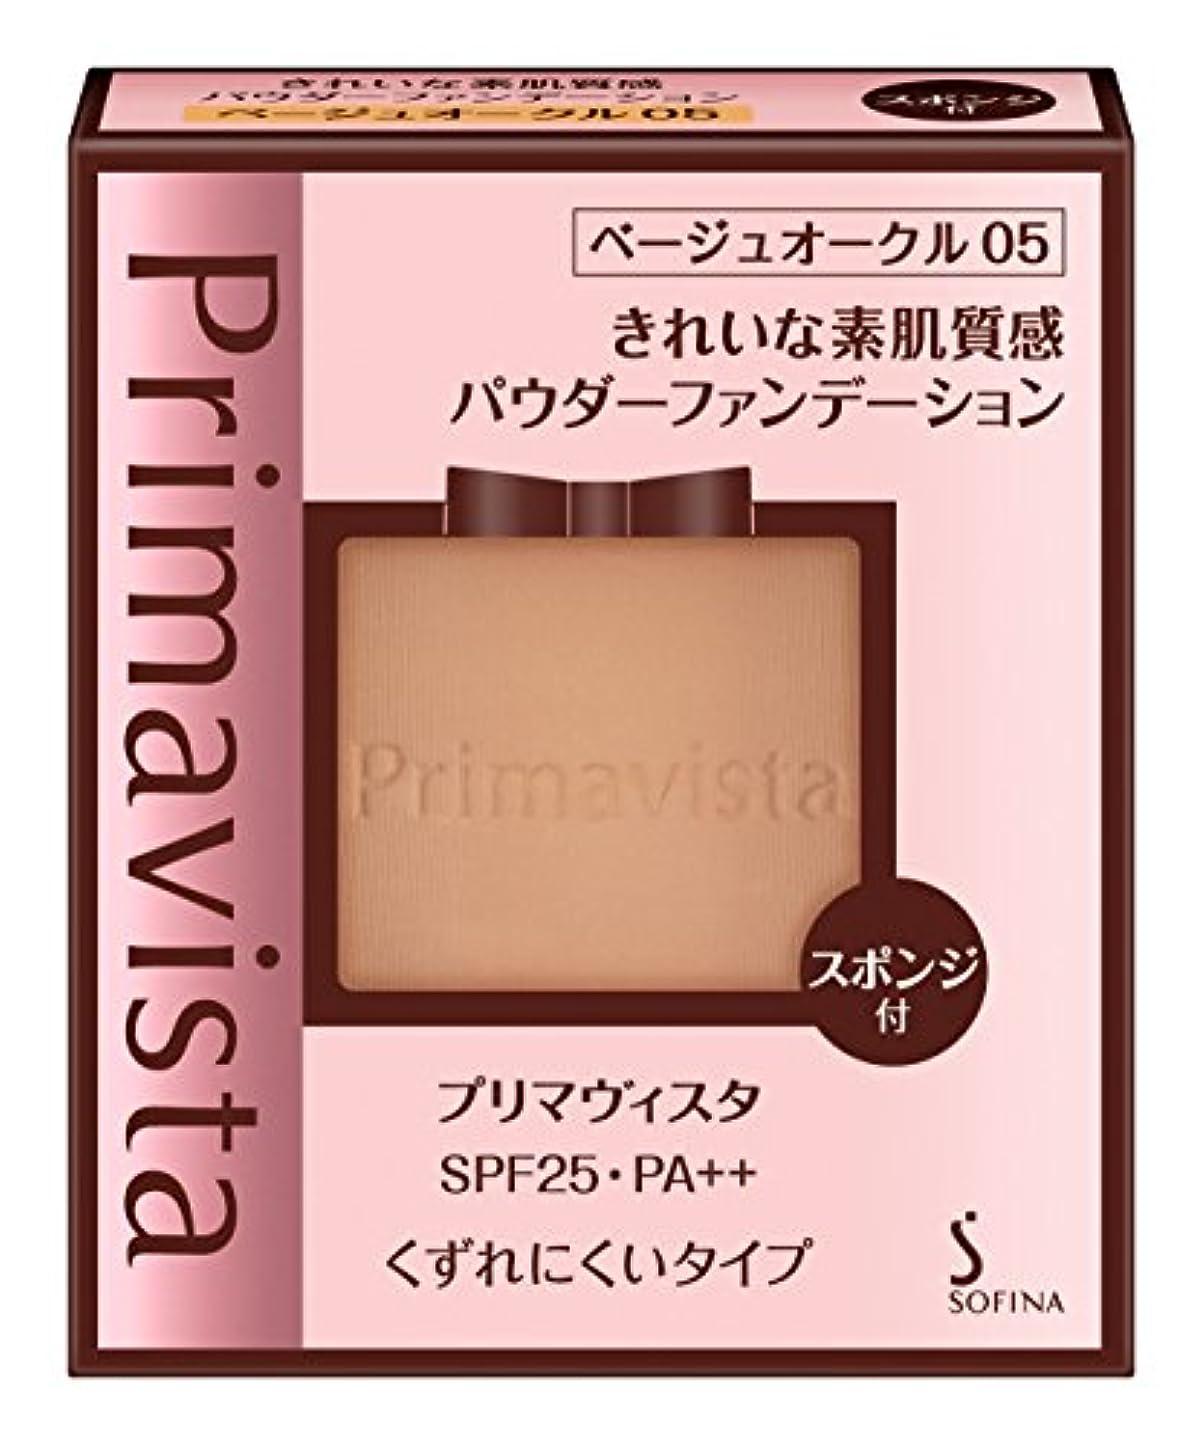 批評煩わしい湿気の多いプリマヴィスタ きれいな素肌質感パウダーファンデーション ベージュオークル05 SPF25 PA++ 9g